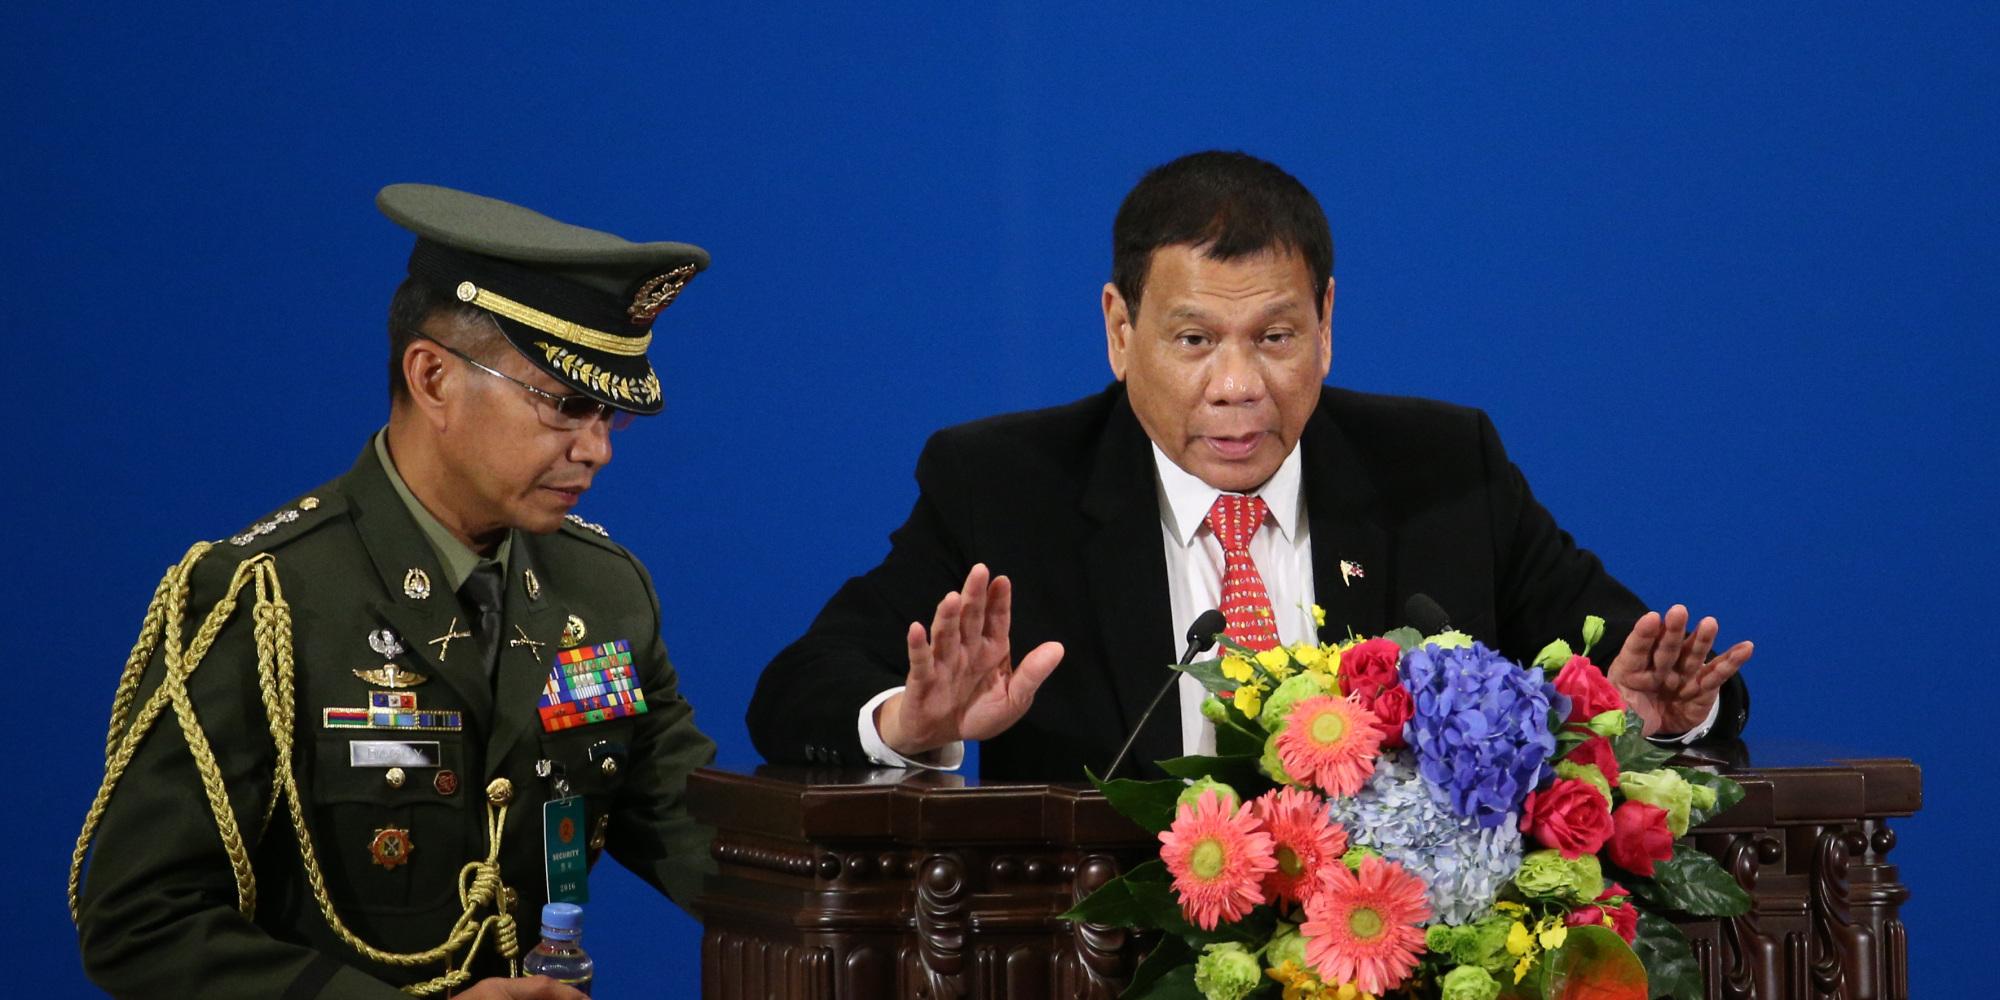 رئيس الفلبين قتل بنفسه مجرمين ليشجع رجال الشرطة